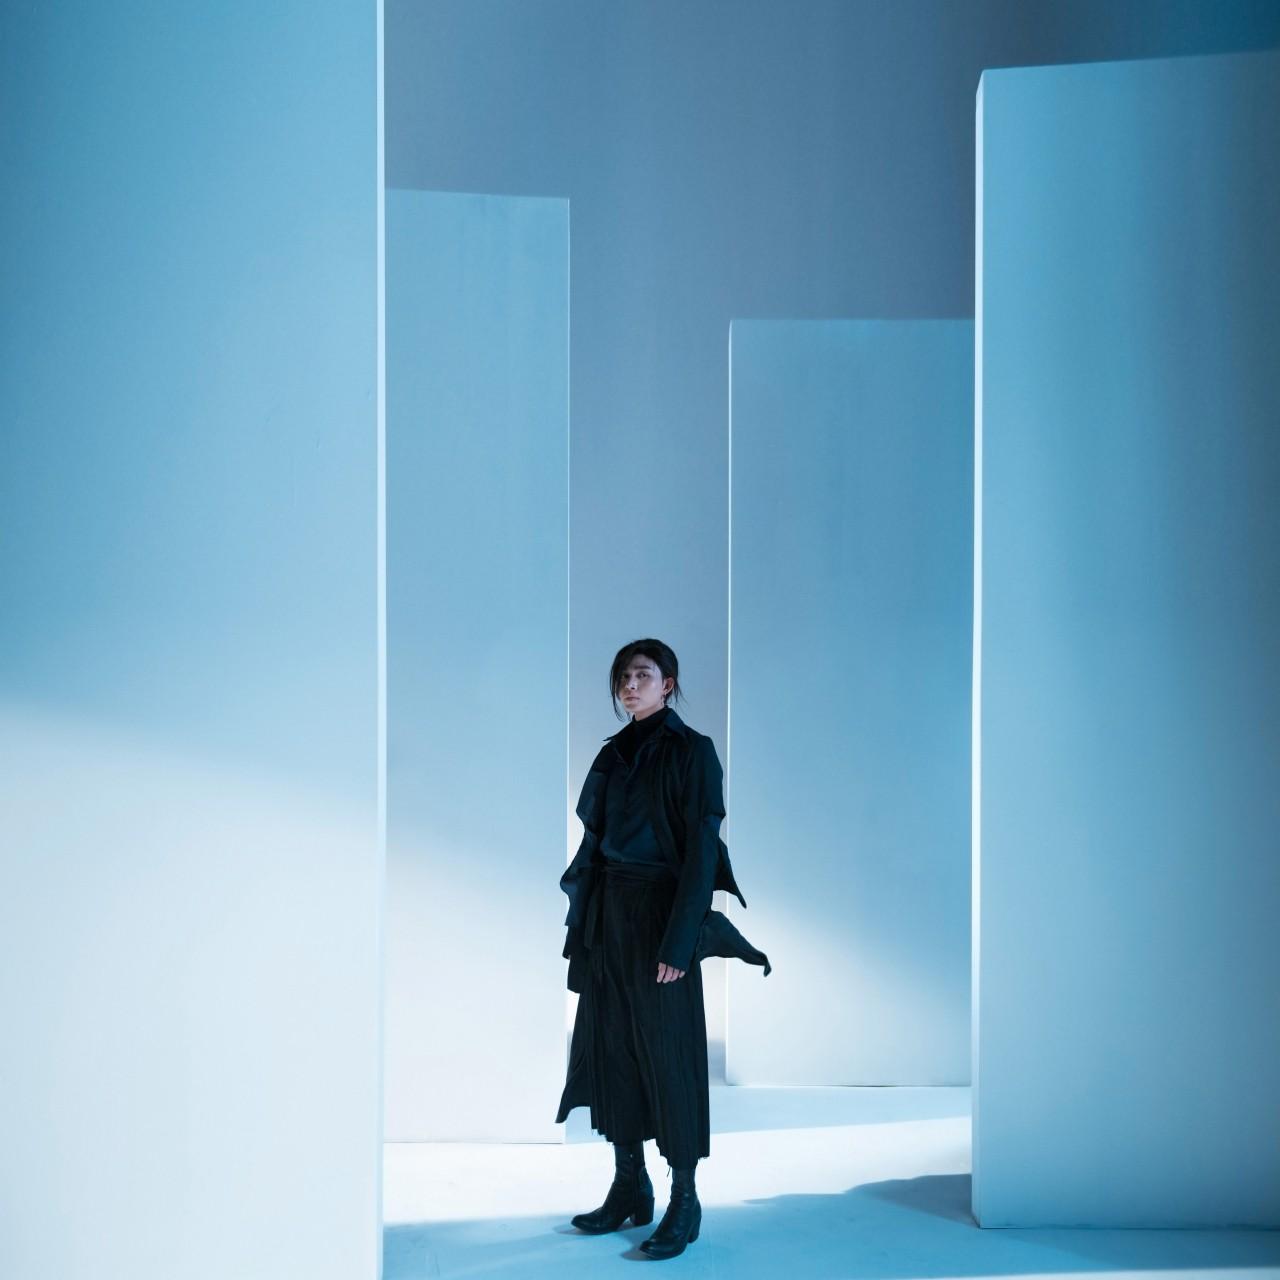 Chán làm thư sinh hiền lành, Jun Phạm hóa kiếm sĩ Nhật với gương mặt lạnh lùng trong sản phẩm âm nhạc mới nhất! - Ảnh 3.